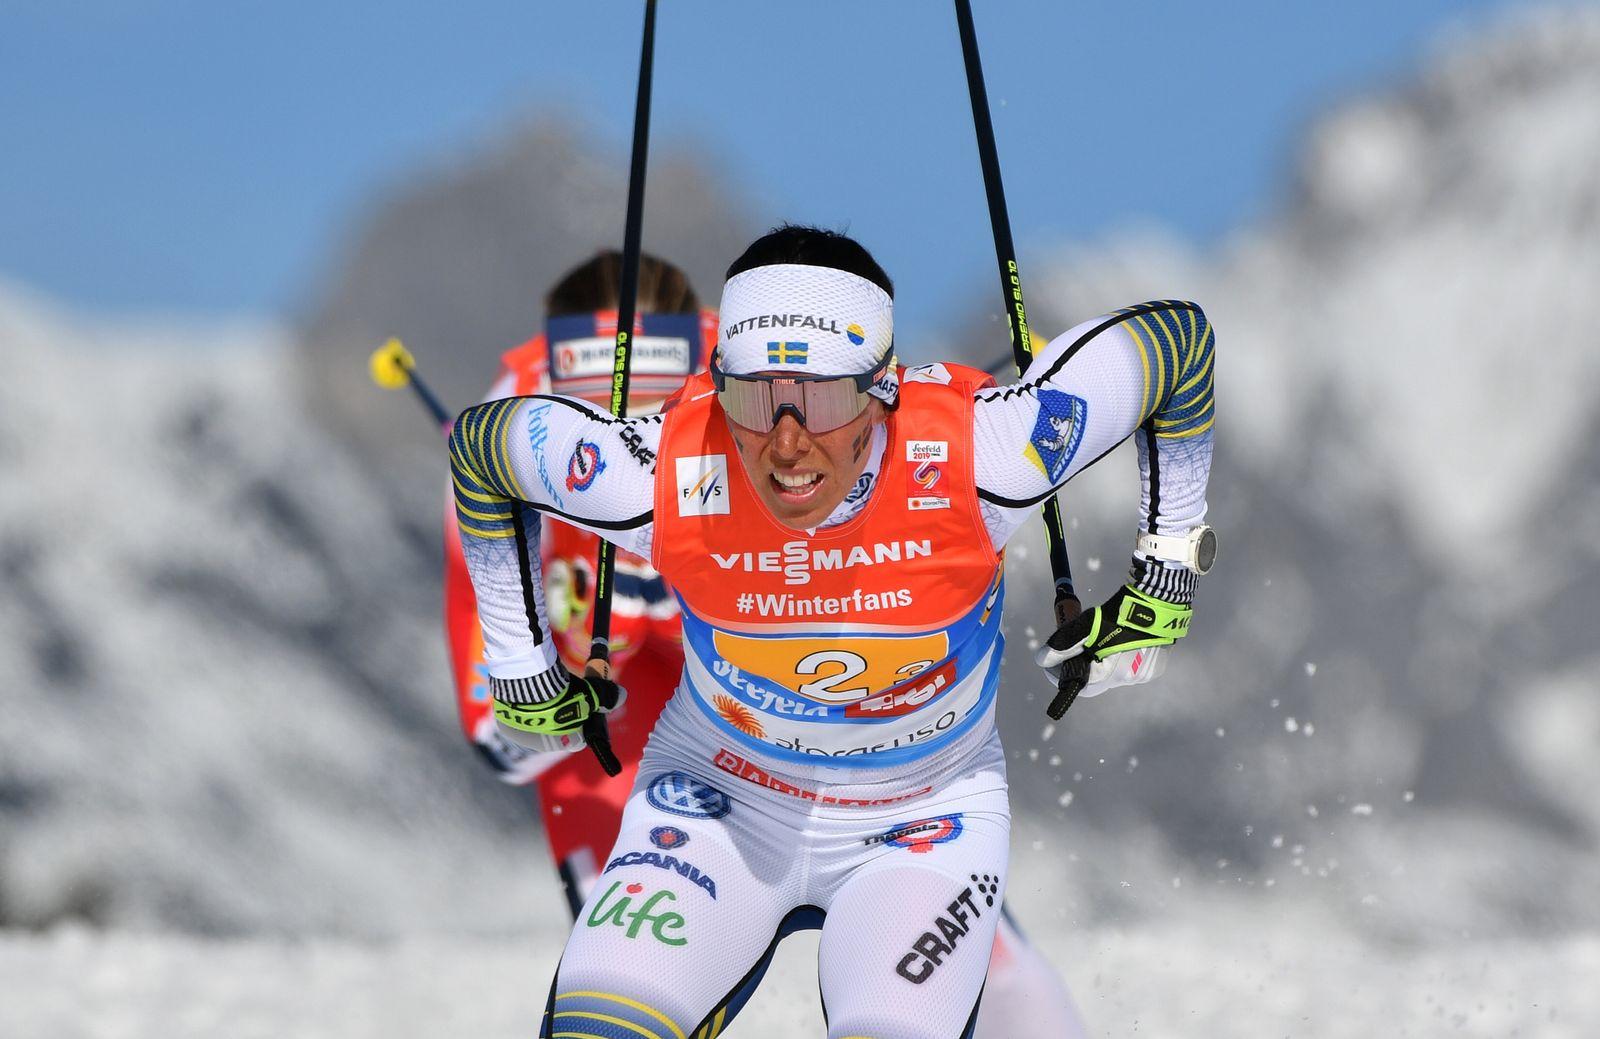 Nordische Ski-WM Seefeld - Charlotte Kalla